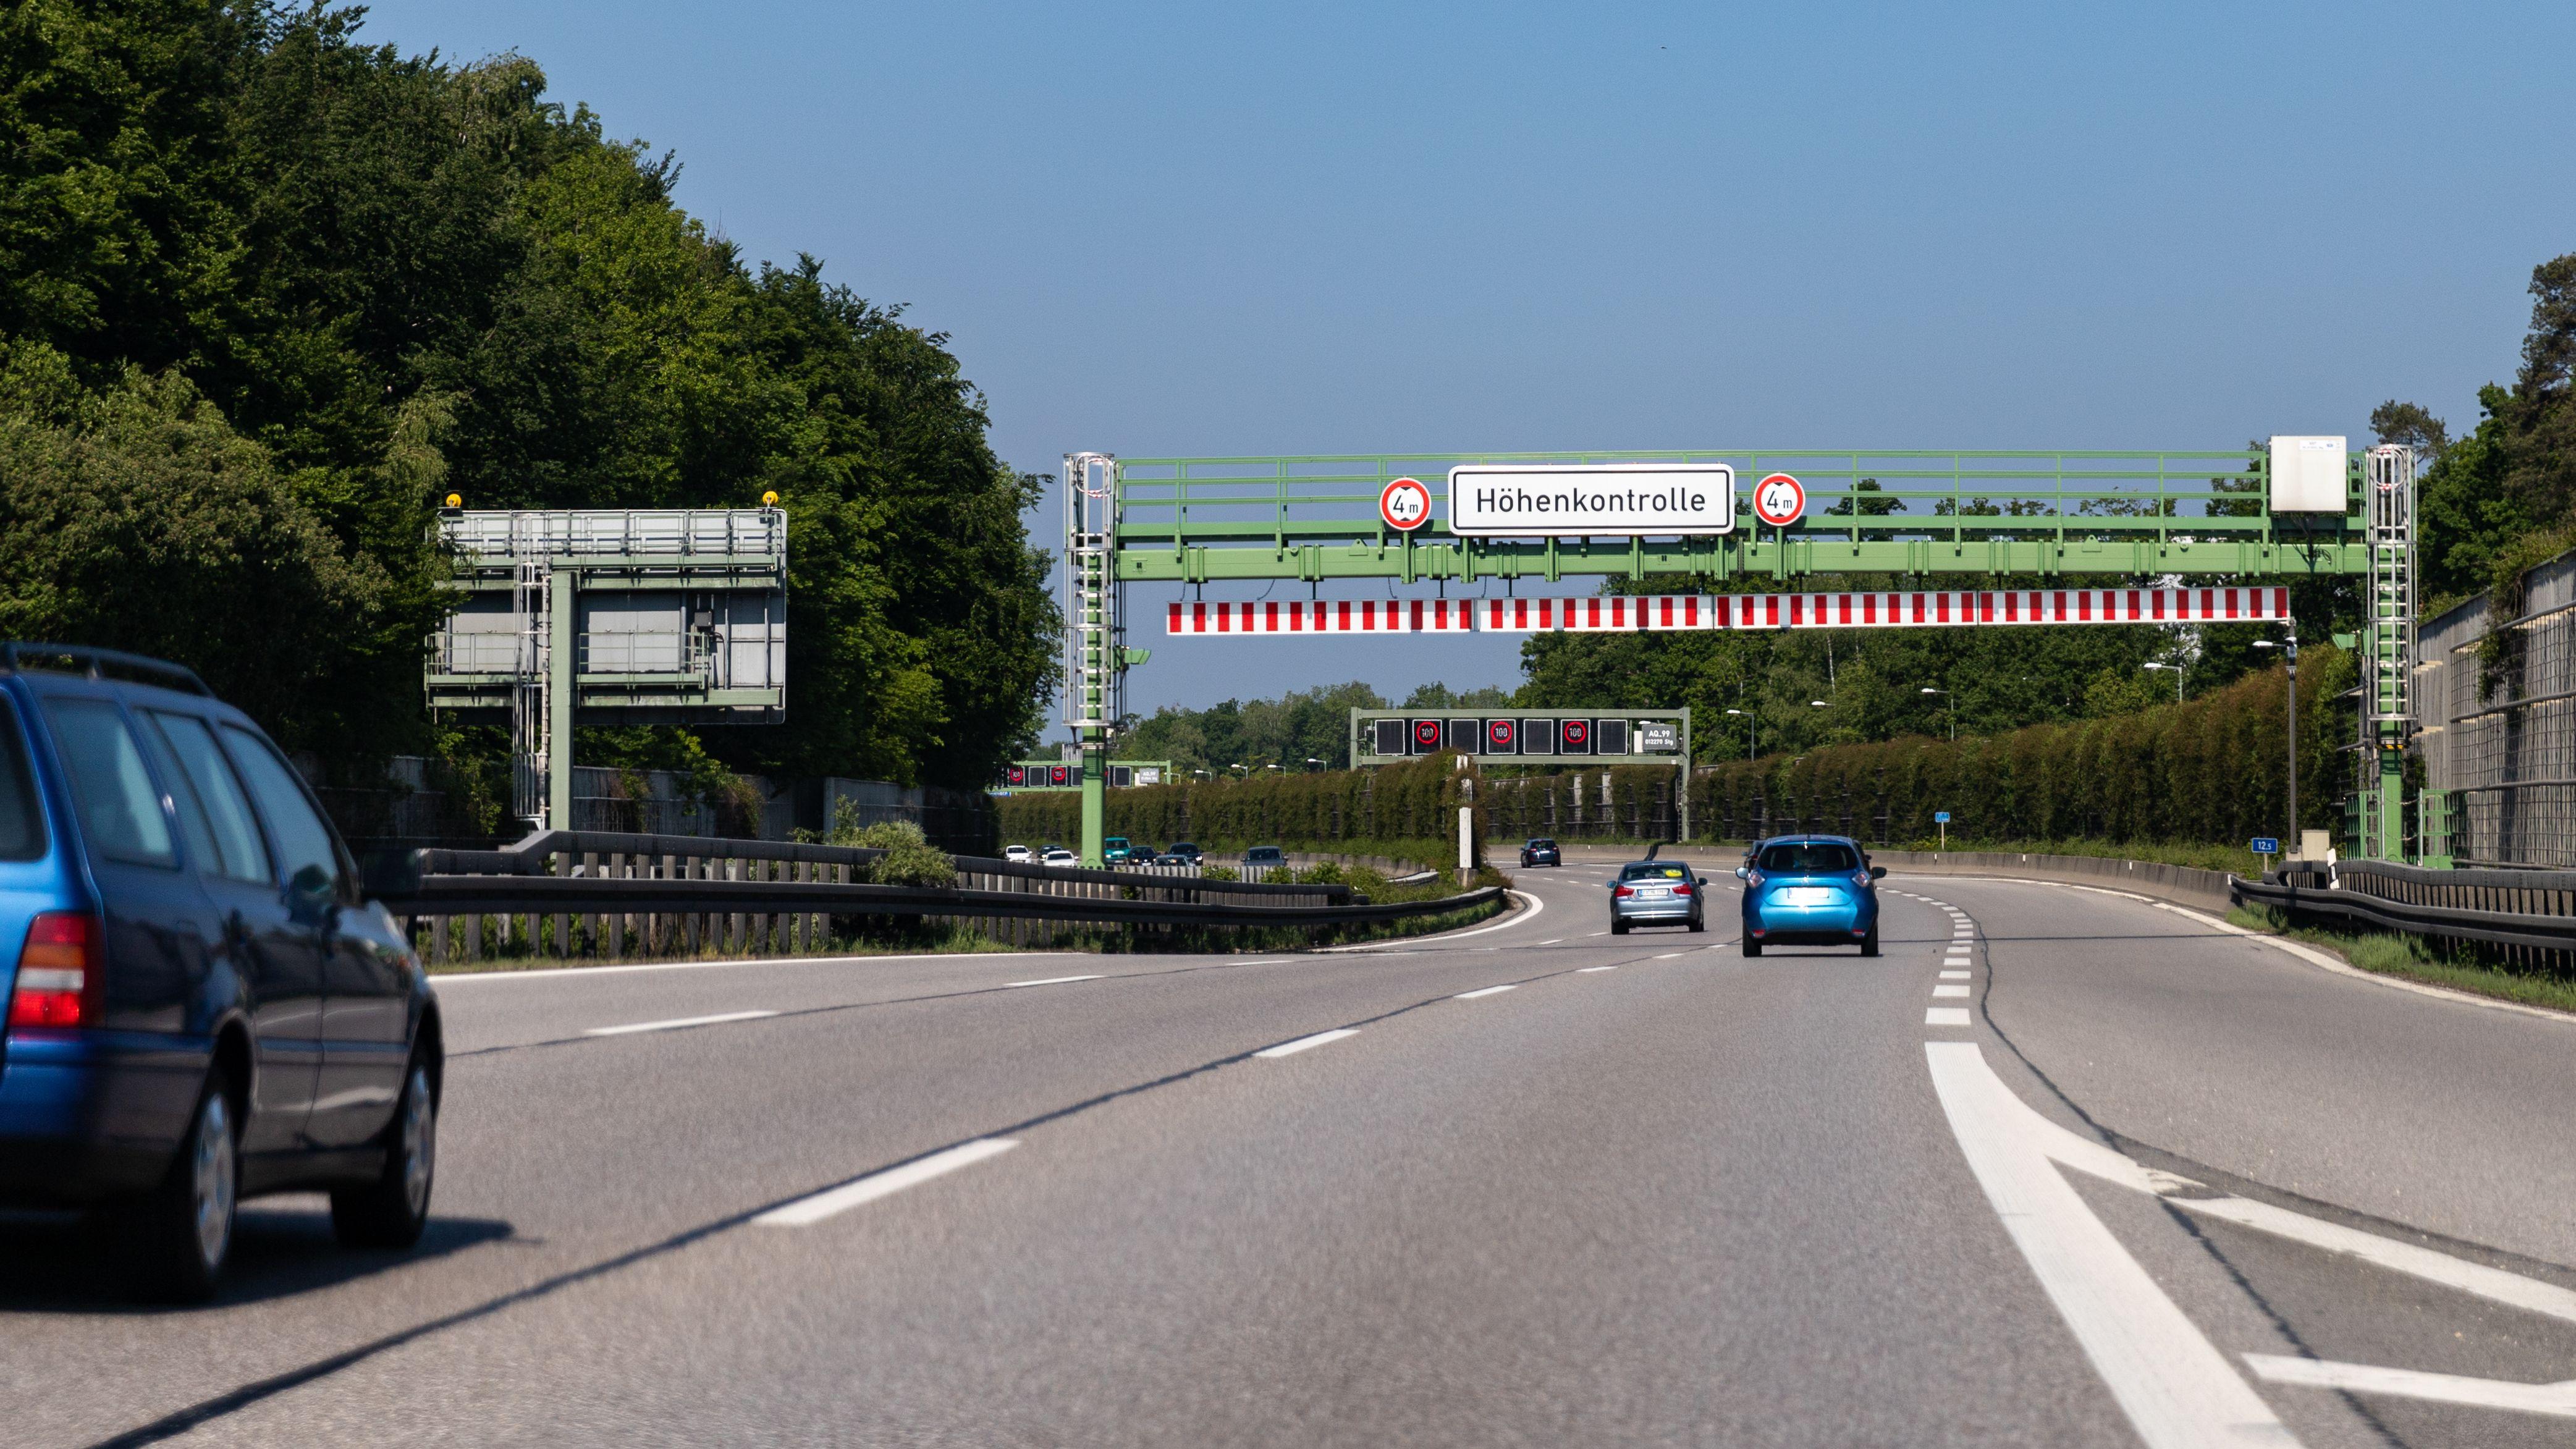 Verkehr auf einer bayerischen Autobahn (Symbolbild)